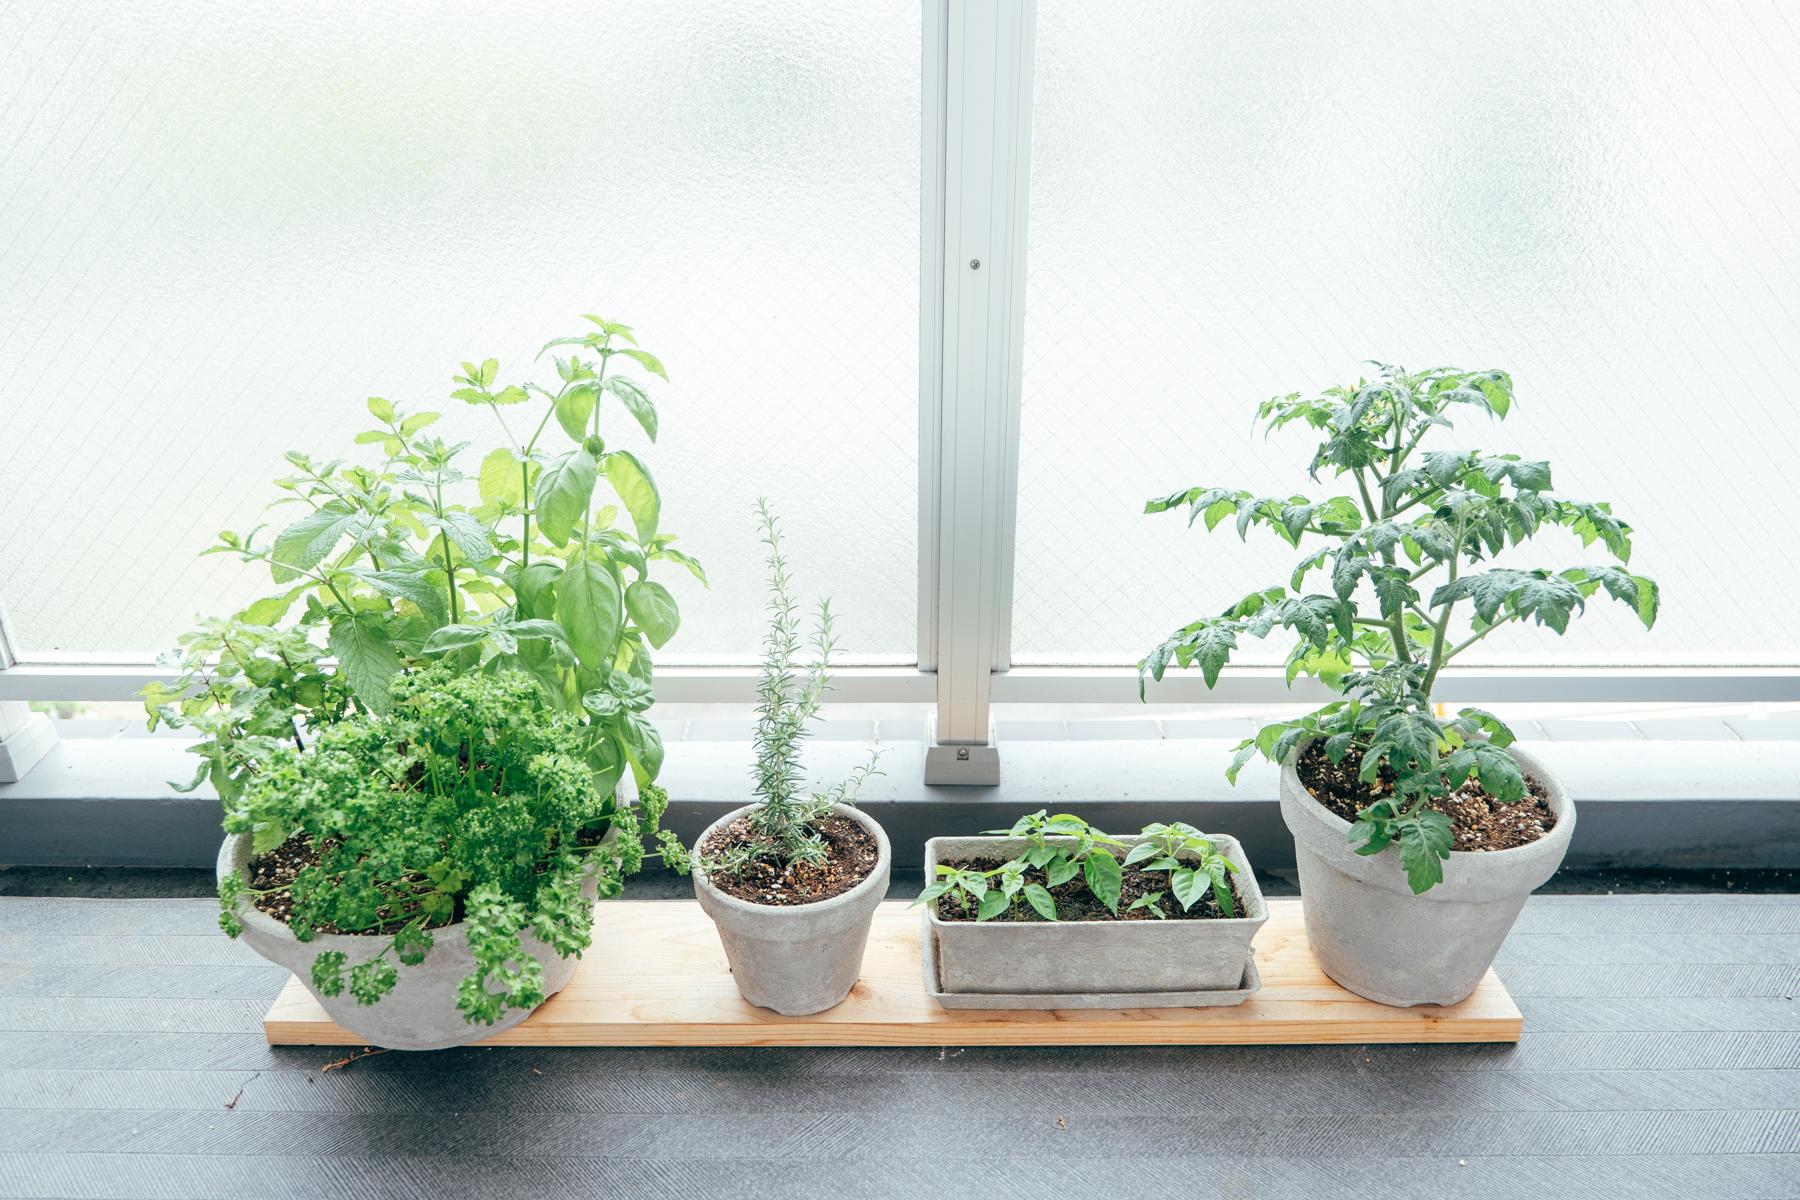 ハーブを育てるには、基本的には地植えか鉢植えがおすすめです。たくさんの栄養を吸収させてあげられるように、できるだけ日光がよく当たる、ベランダや窓辺で育ててあげましょう。(このお部屋はこちら)